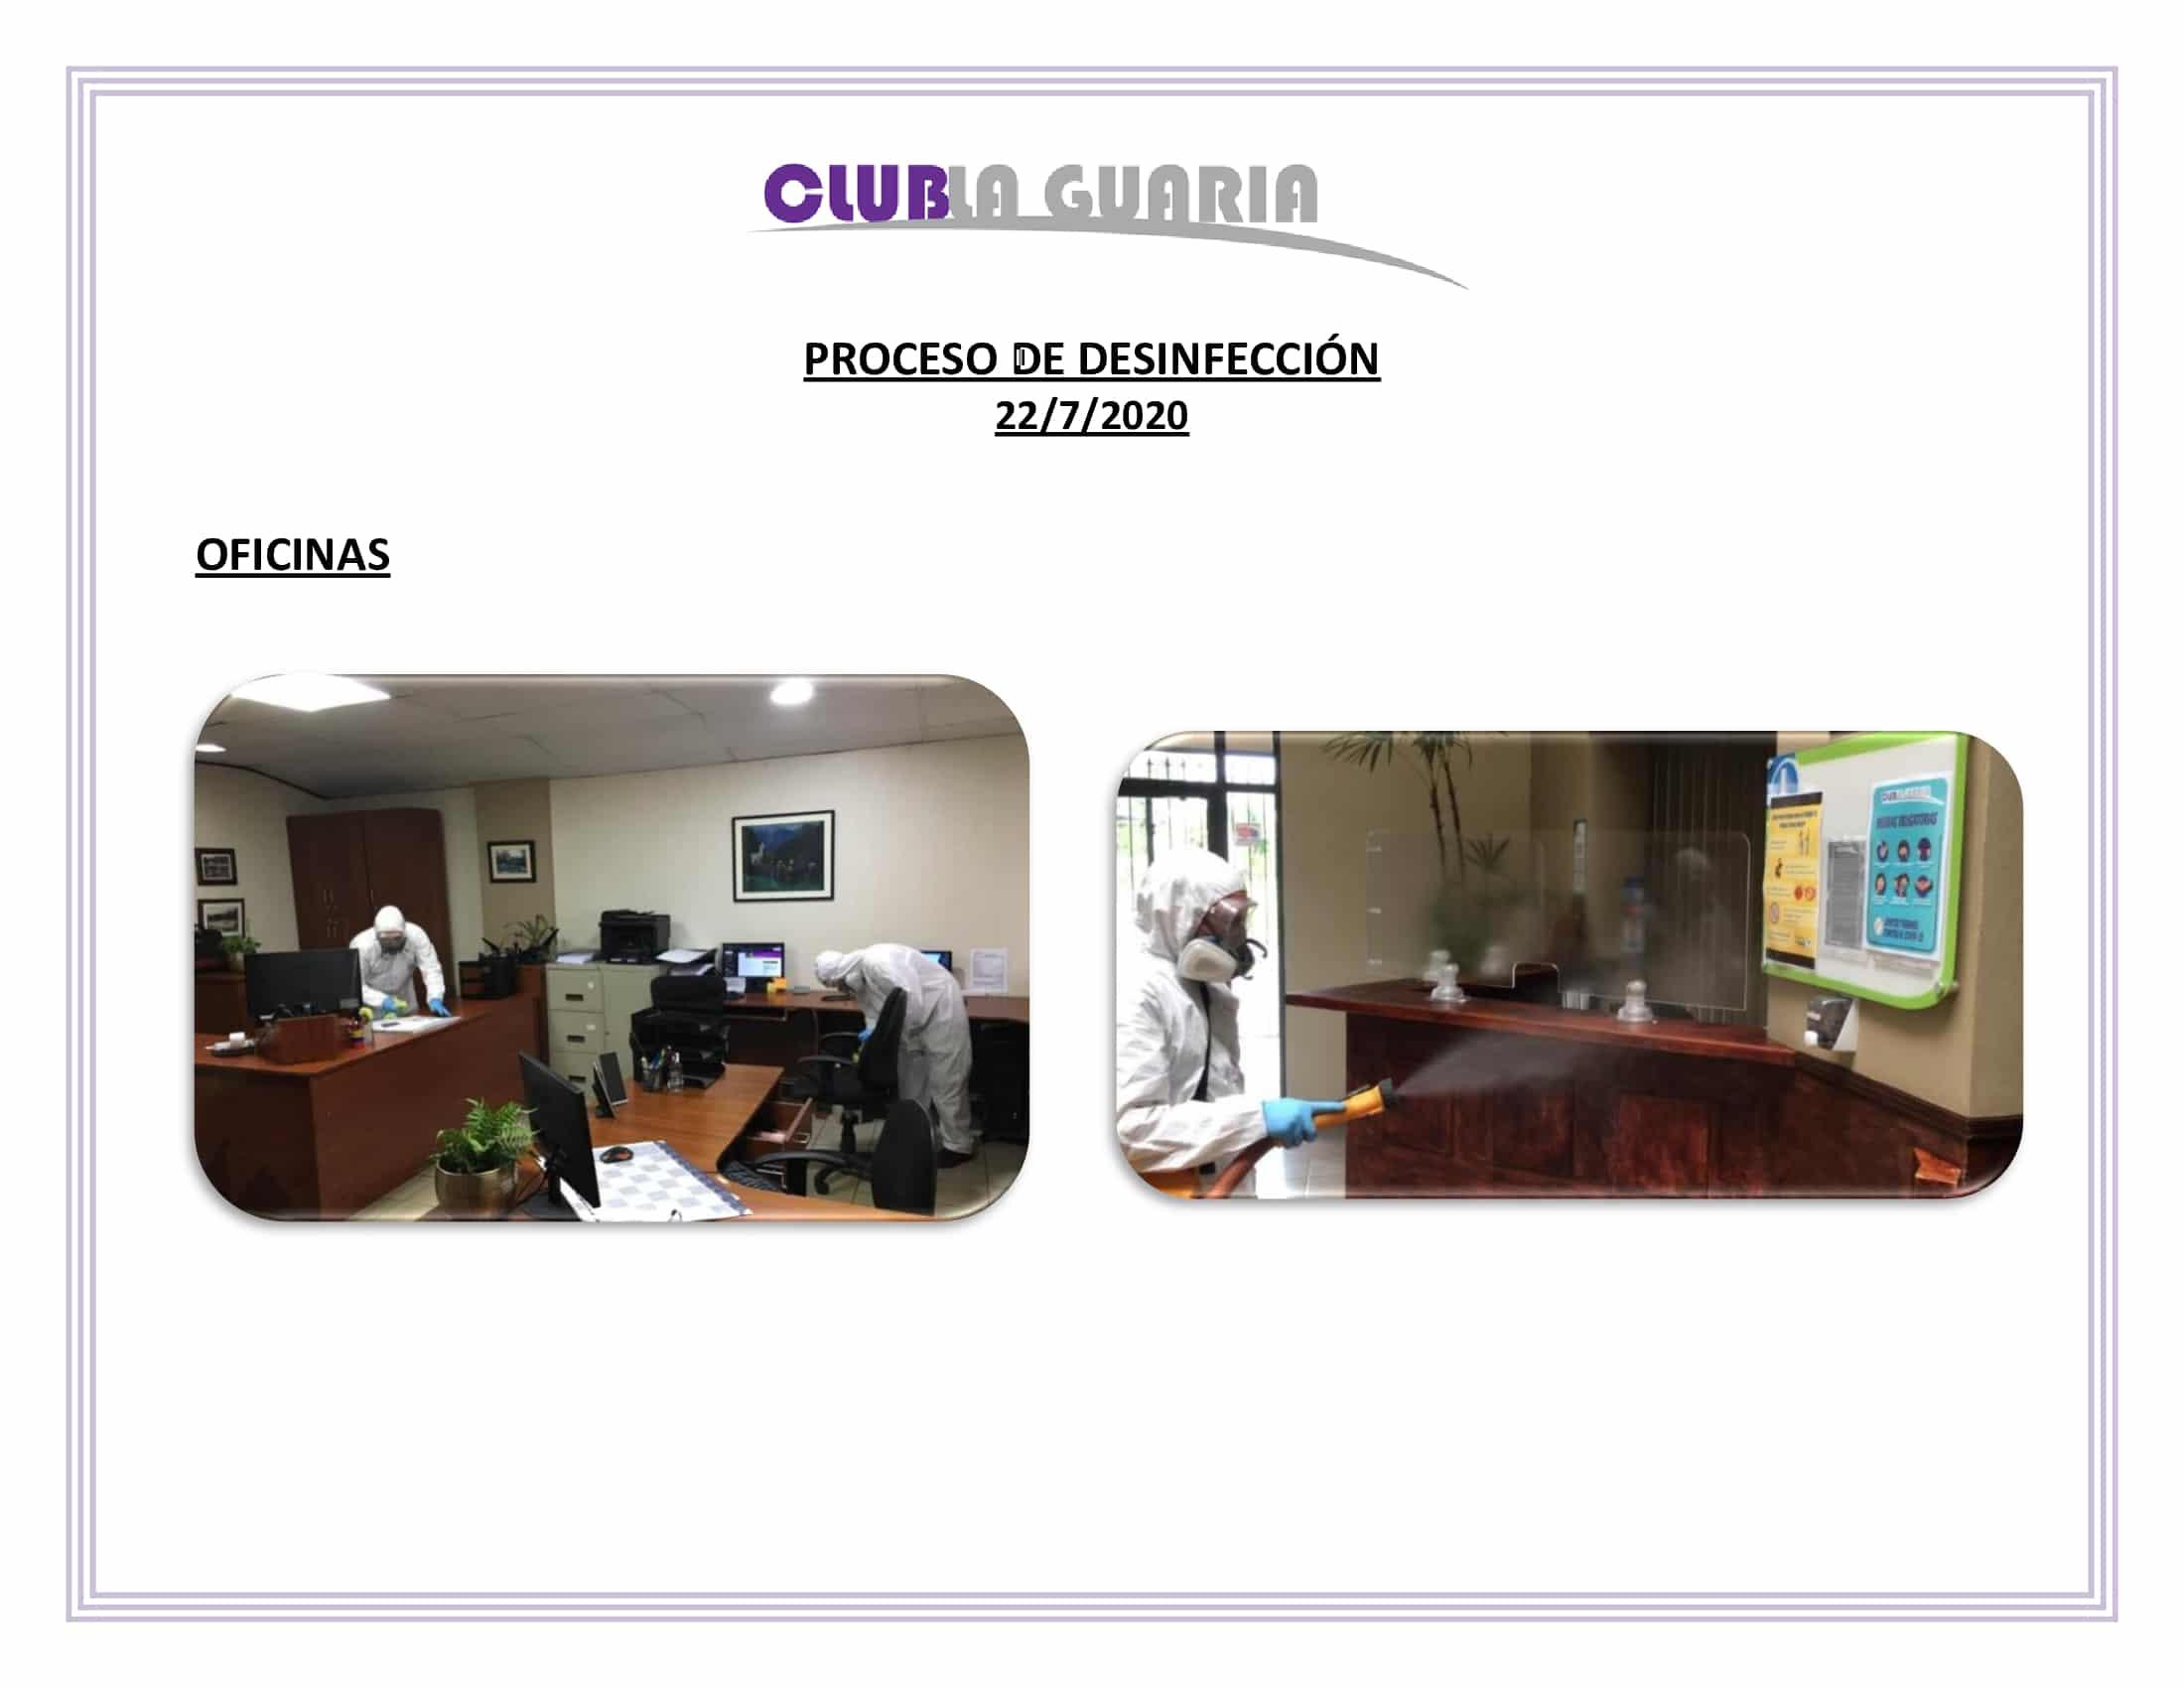 Desinfección Club La Guaria